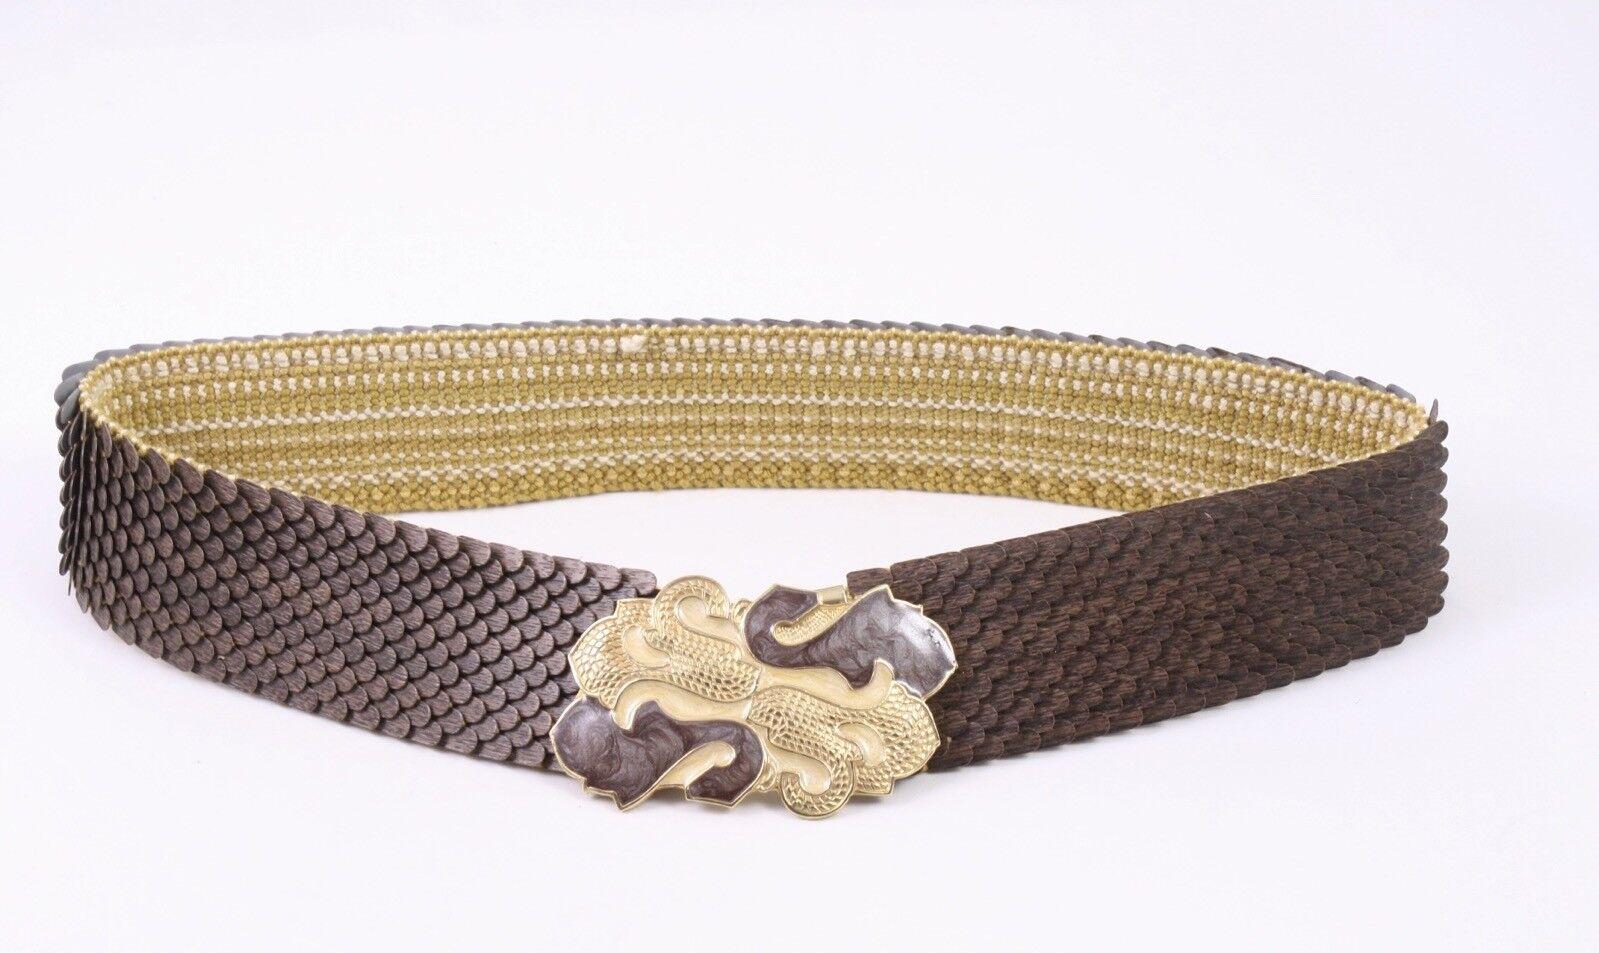 DG158 DG158 DG158 Schuppengürtel Größengürtel braun Gold Email Stretch 65 - 100 Vintage | Moderne und elegante Mode  | Louis, ausführlich  | Mangelware  db7544